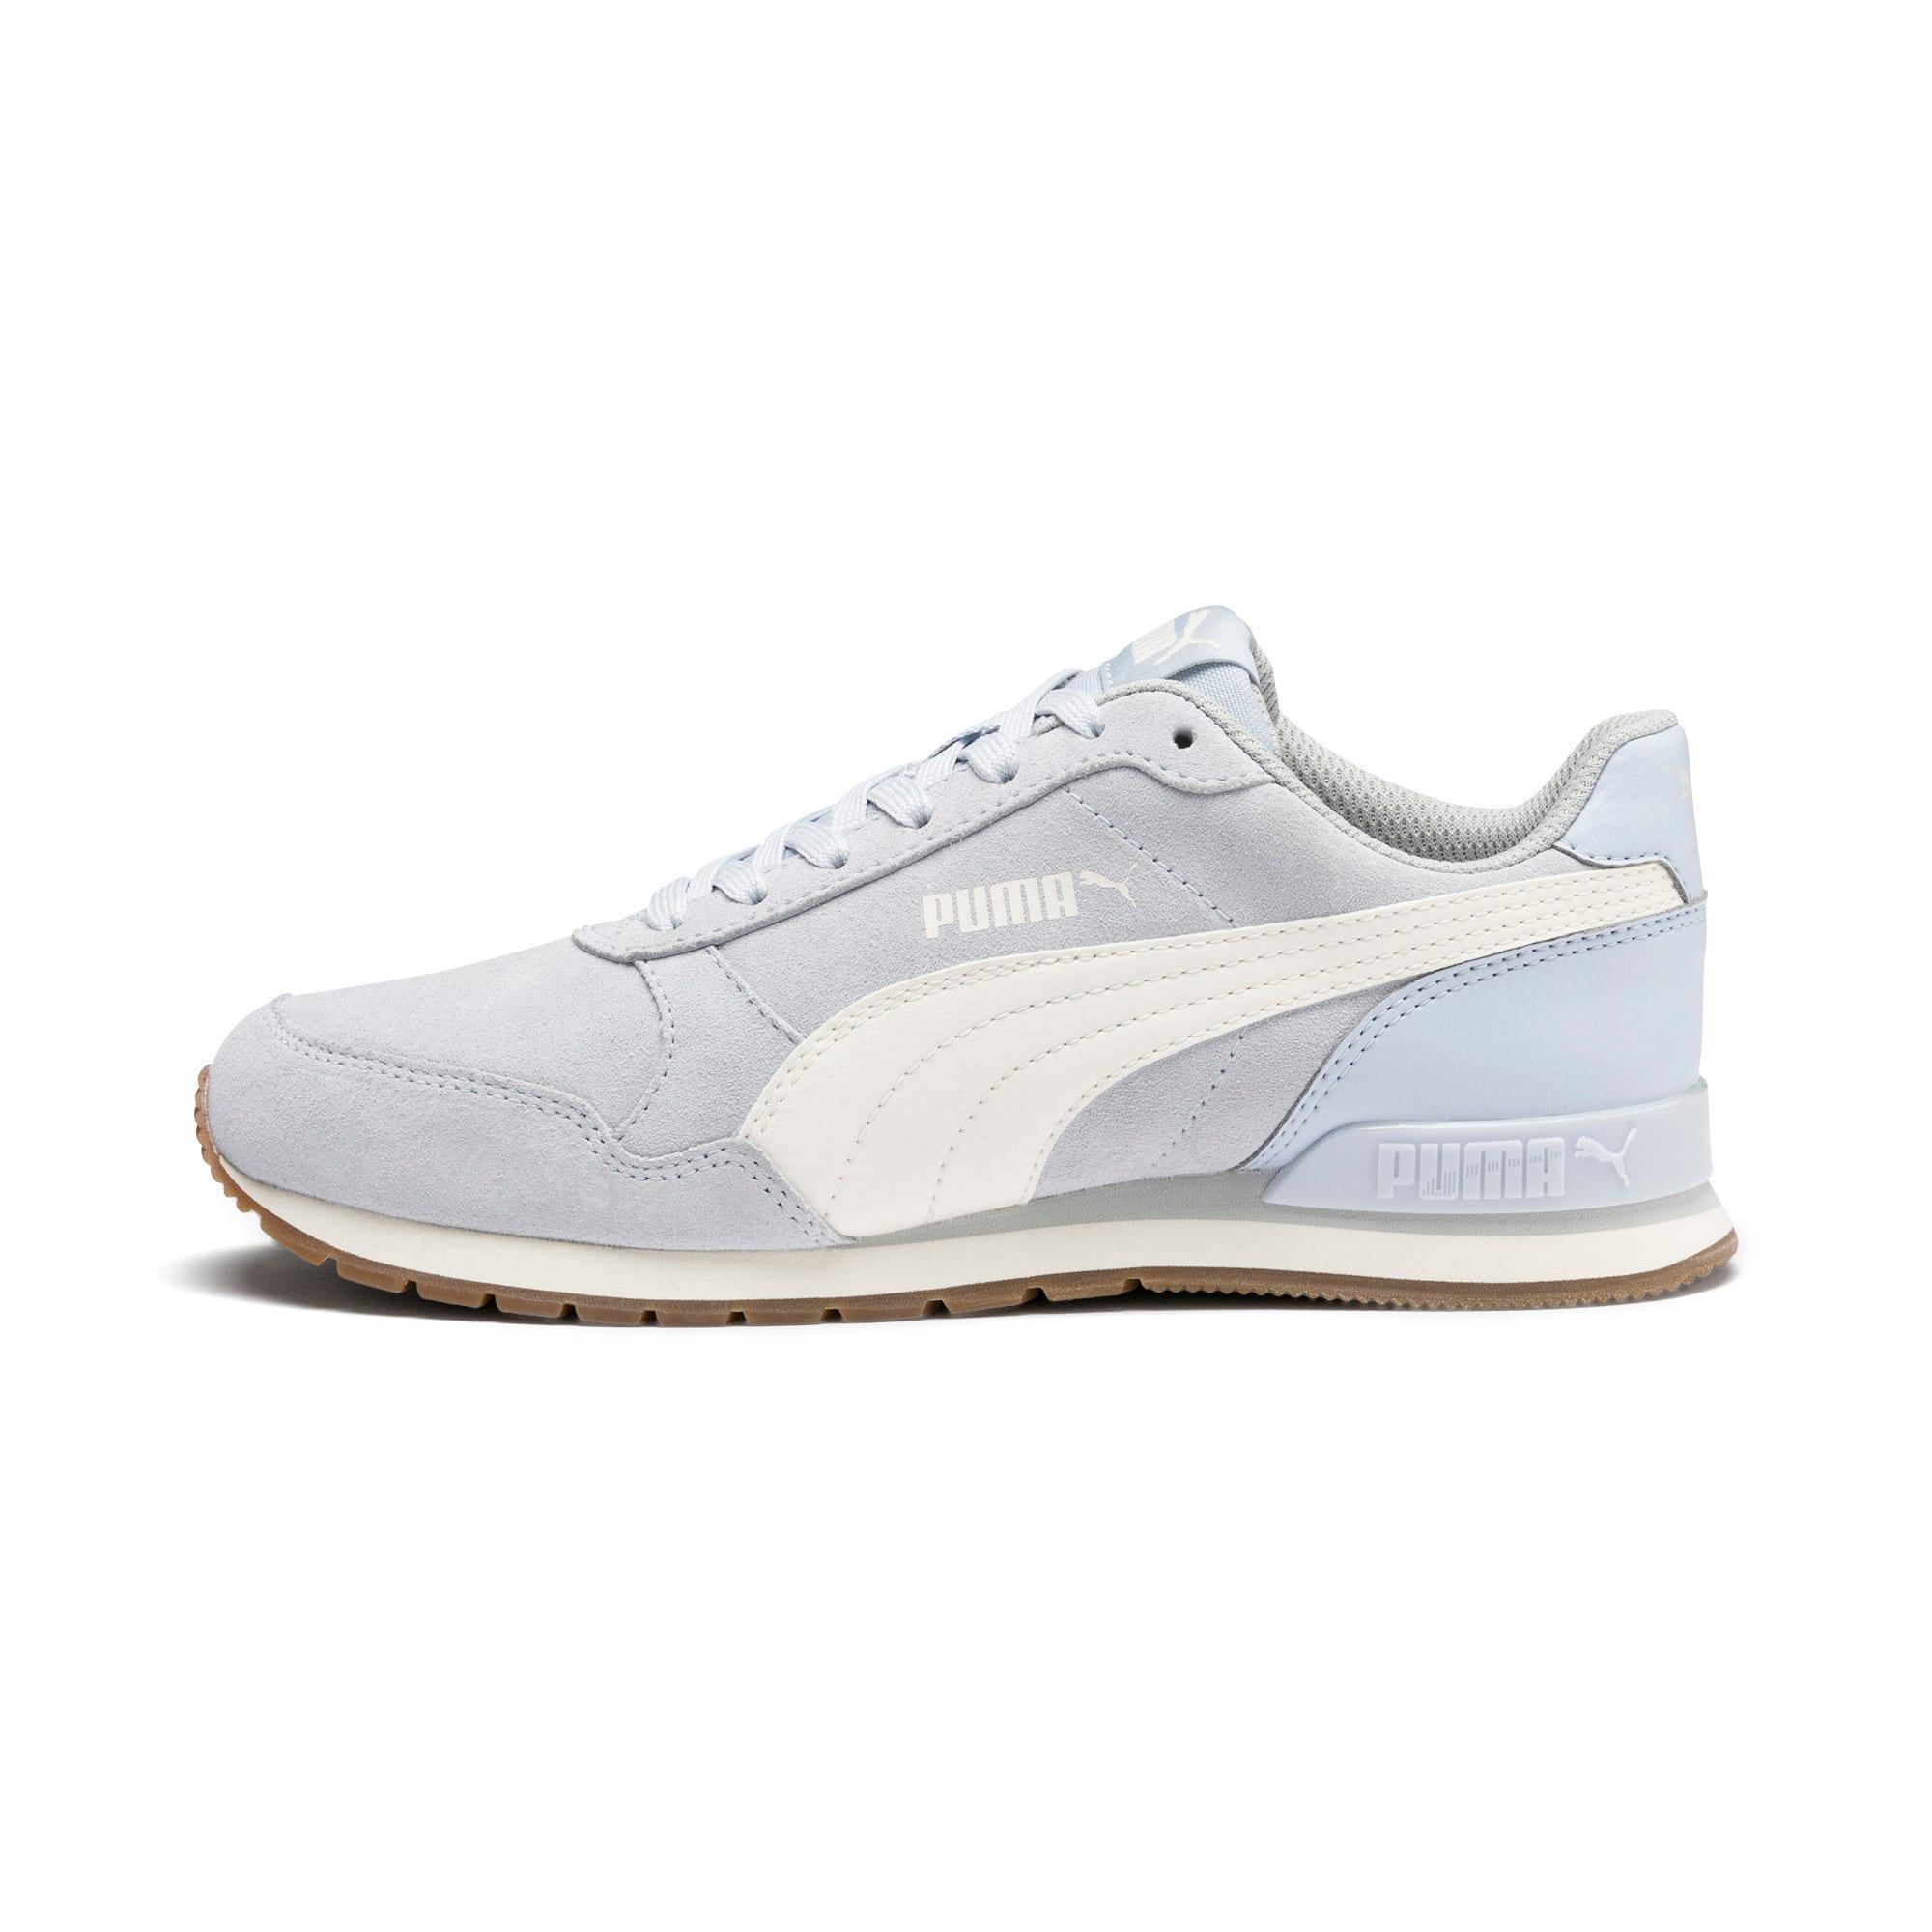 Thumbnail 1 of ST Runner v2 Suede Sneakers JR, Heather-Whisper White, medium